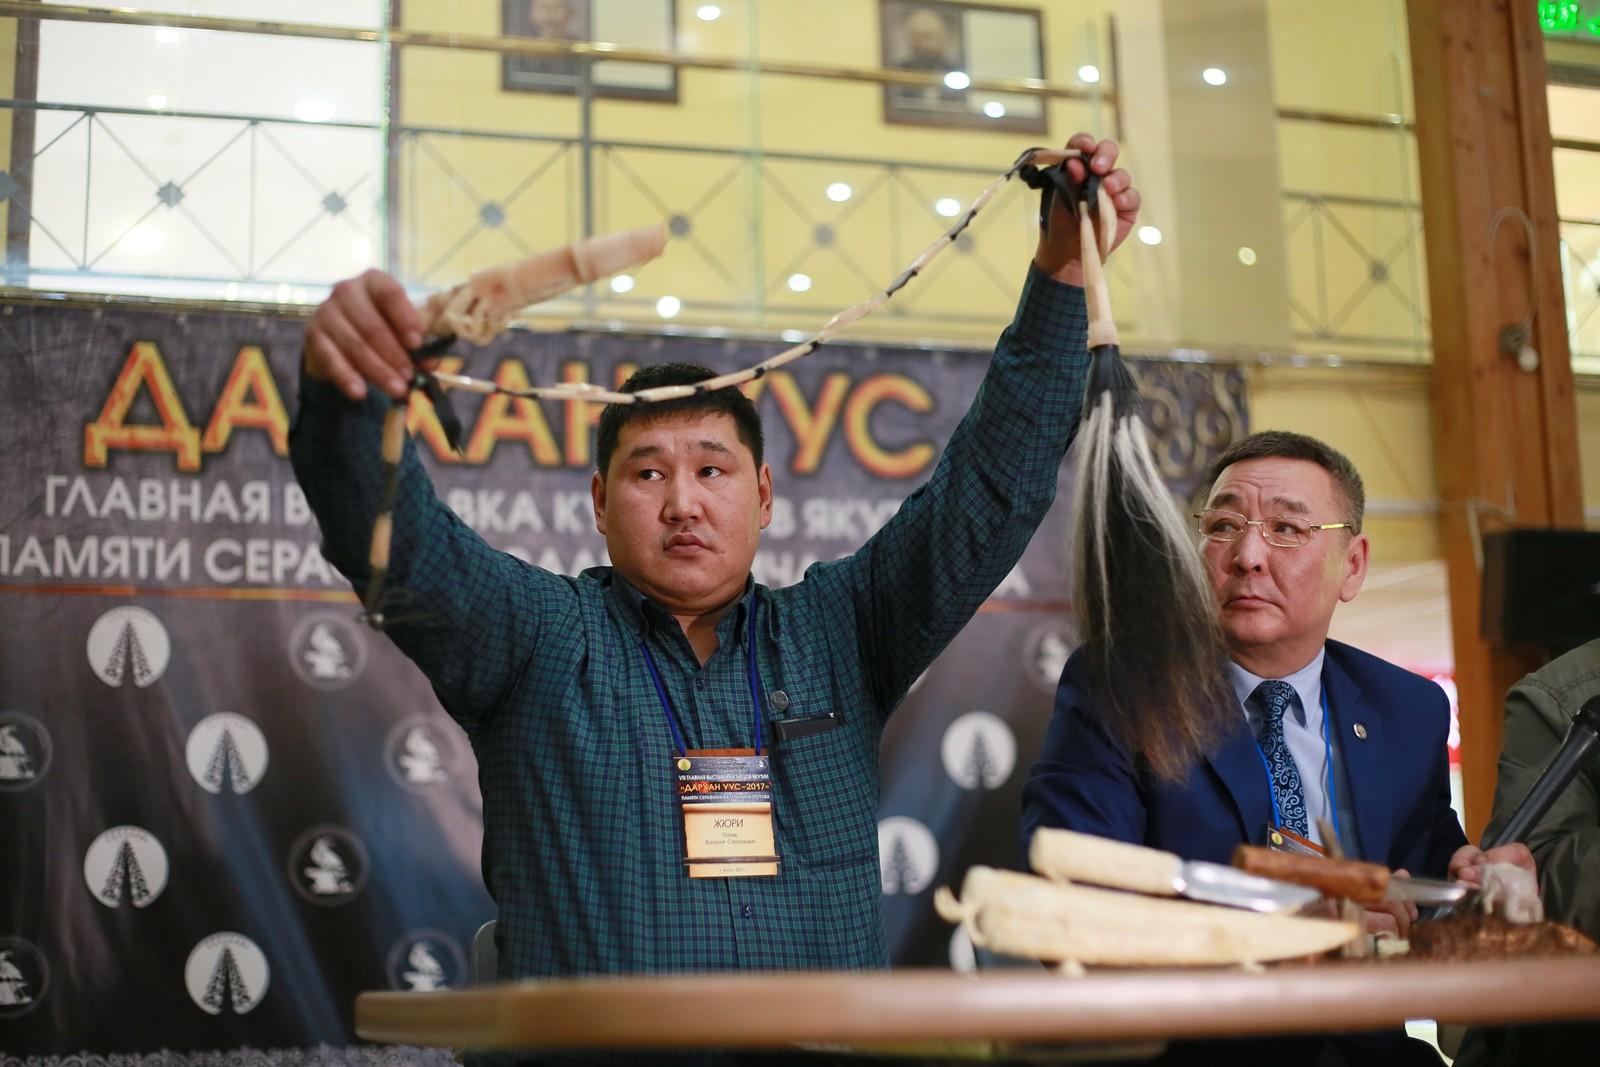 В Якутске состоится юбилейная выставка кузнецов «Дархан Уус»